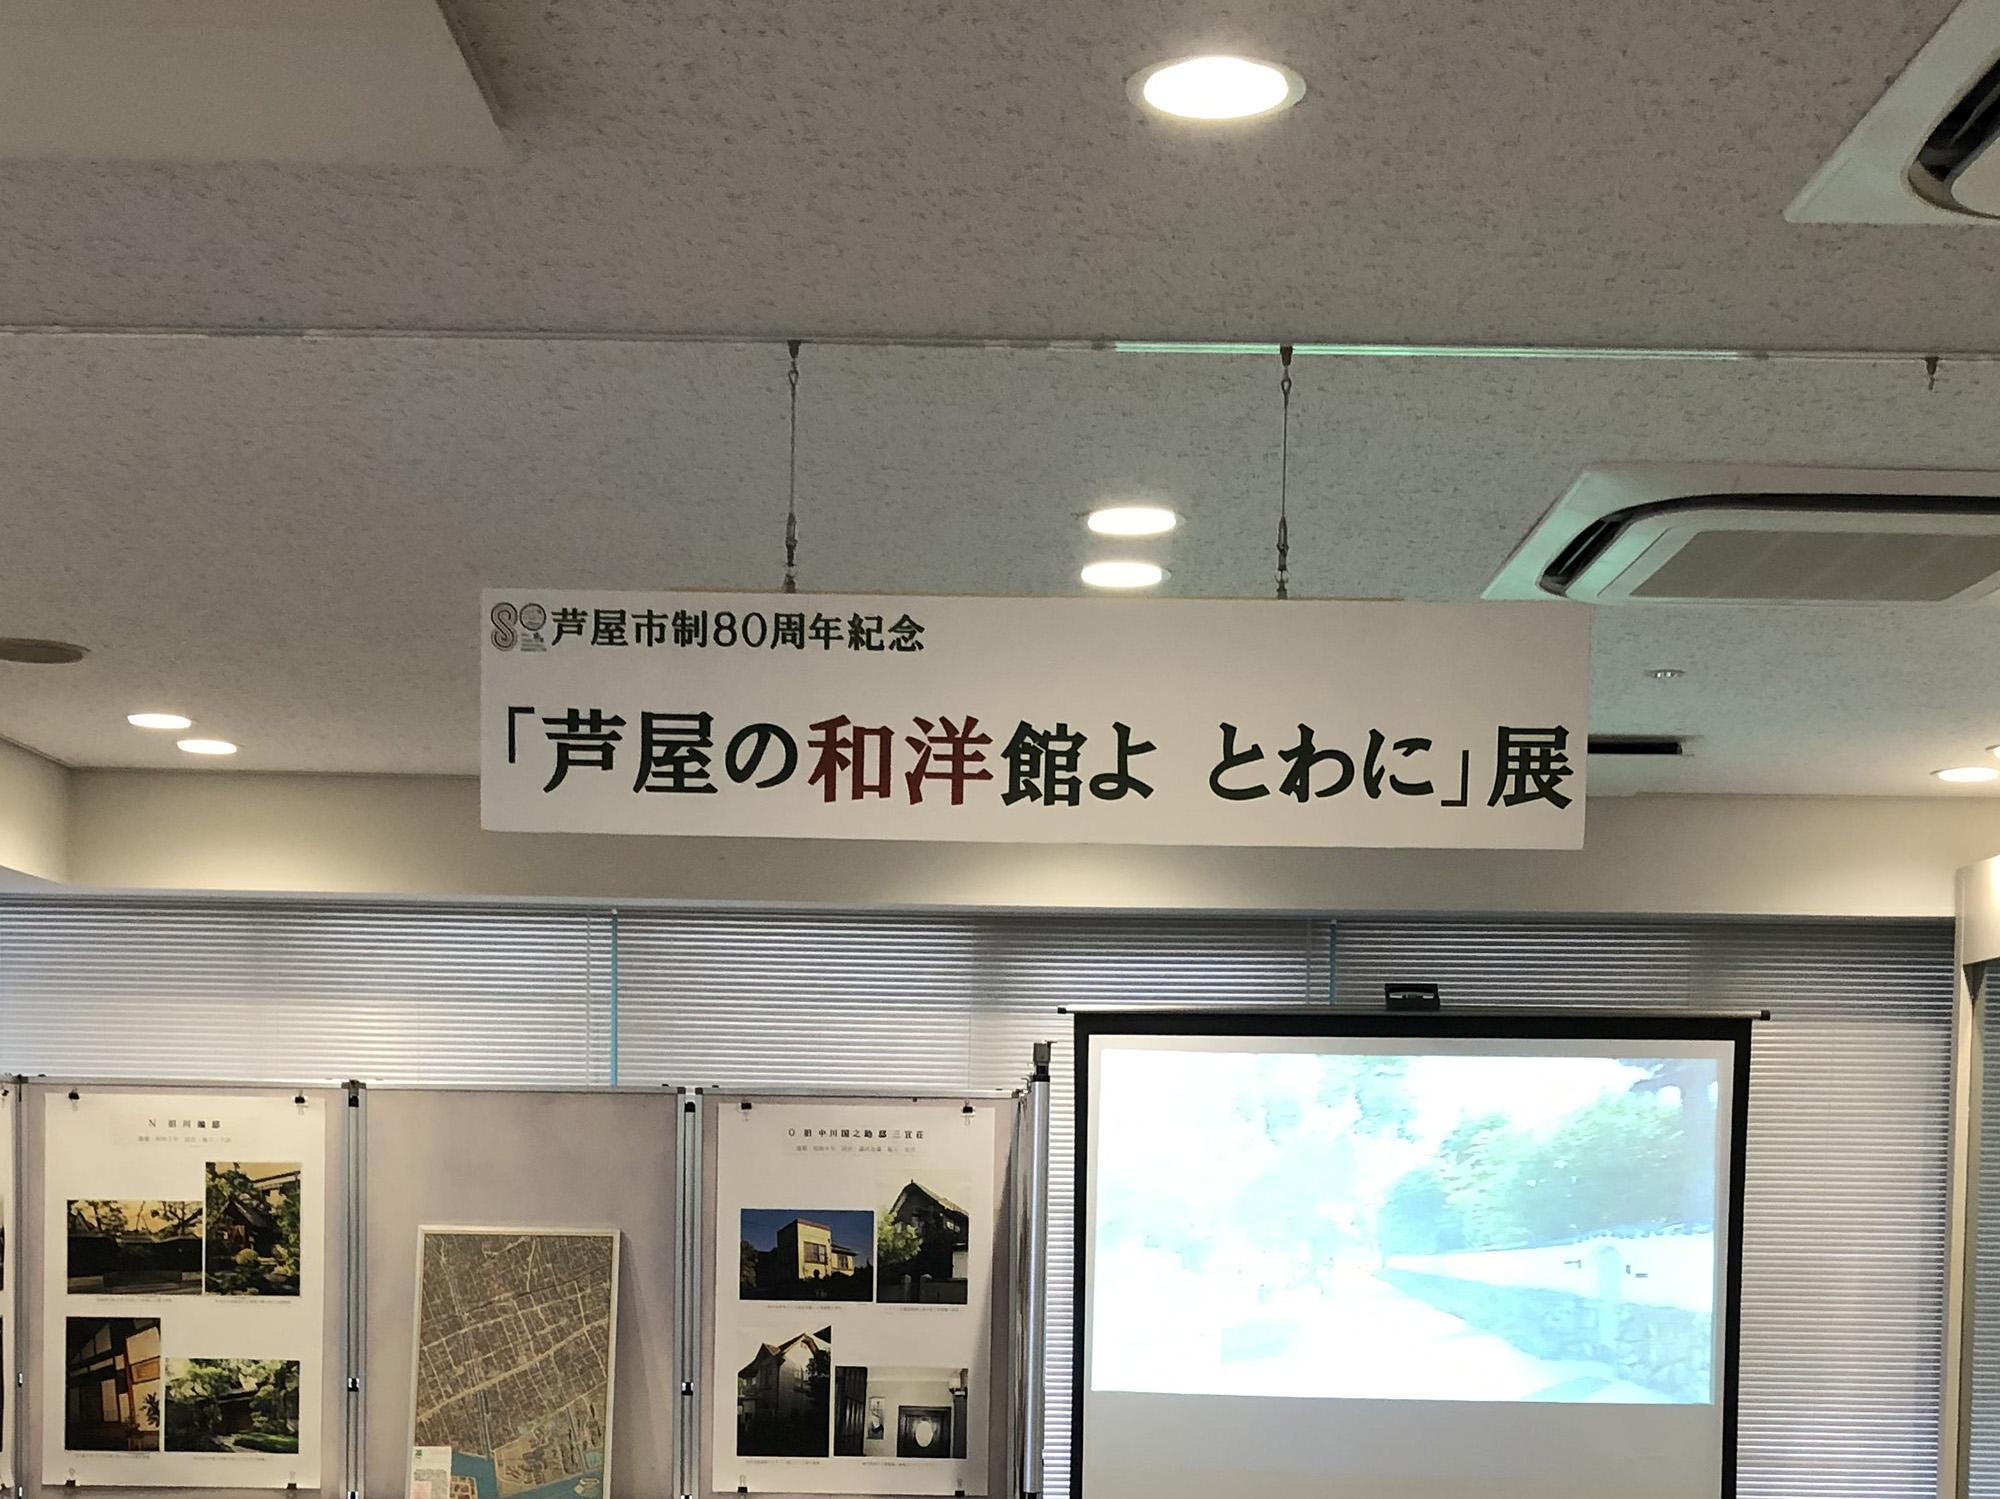 2021年2月2日~25日 「芦屋の和洋館よ とわに」展(3)